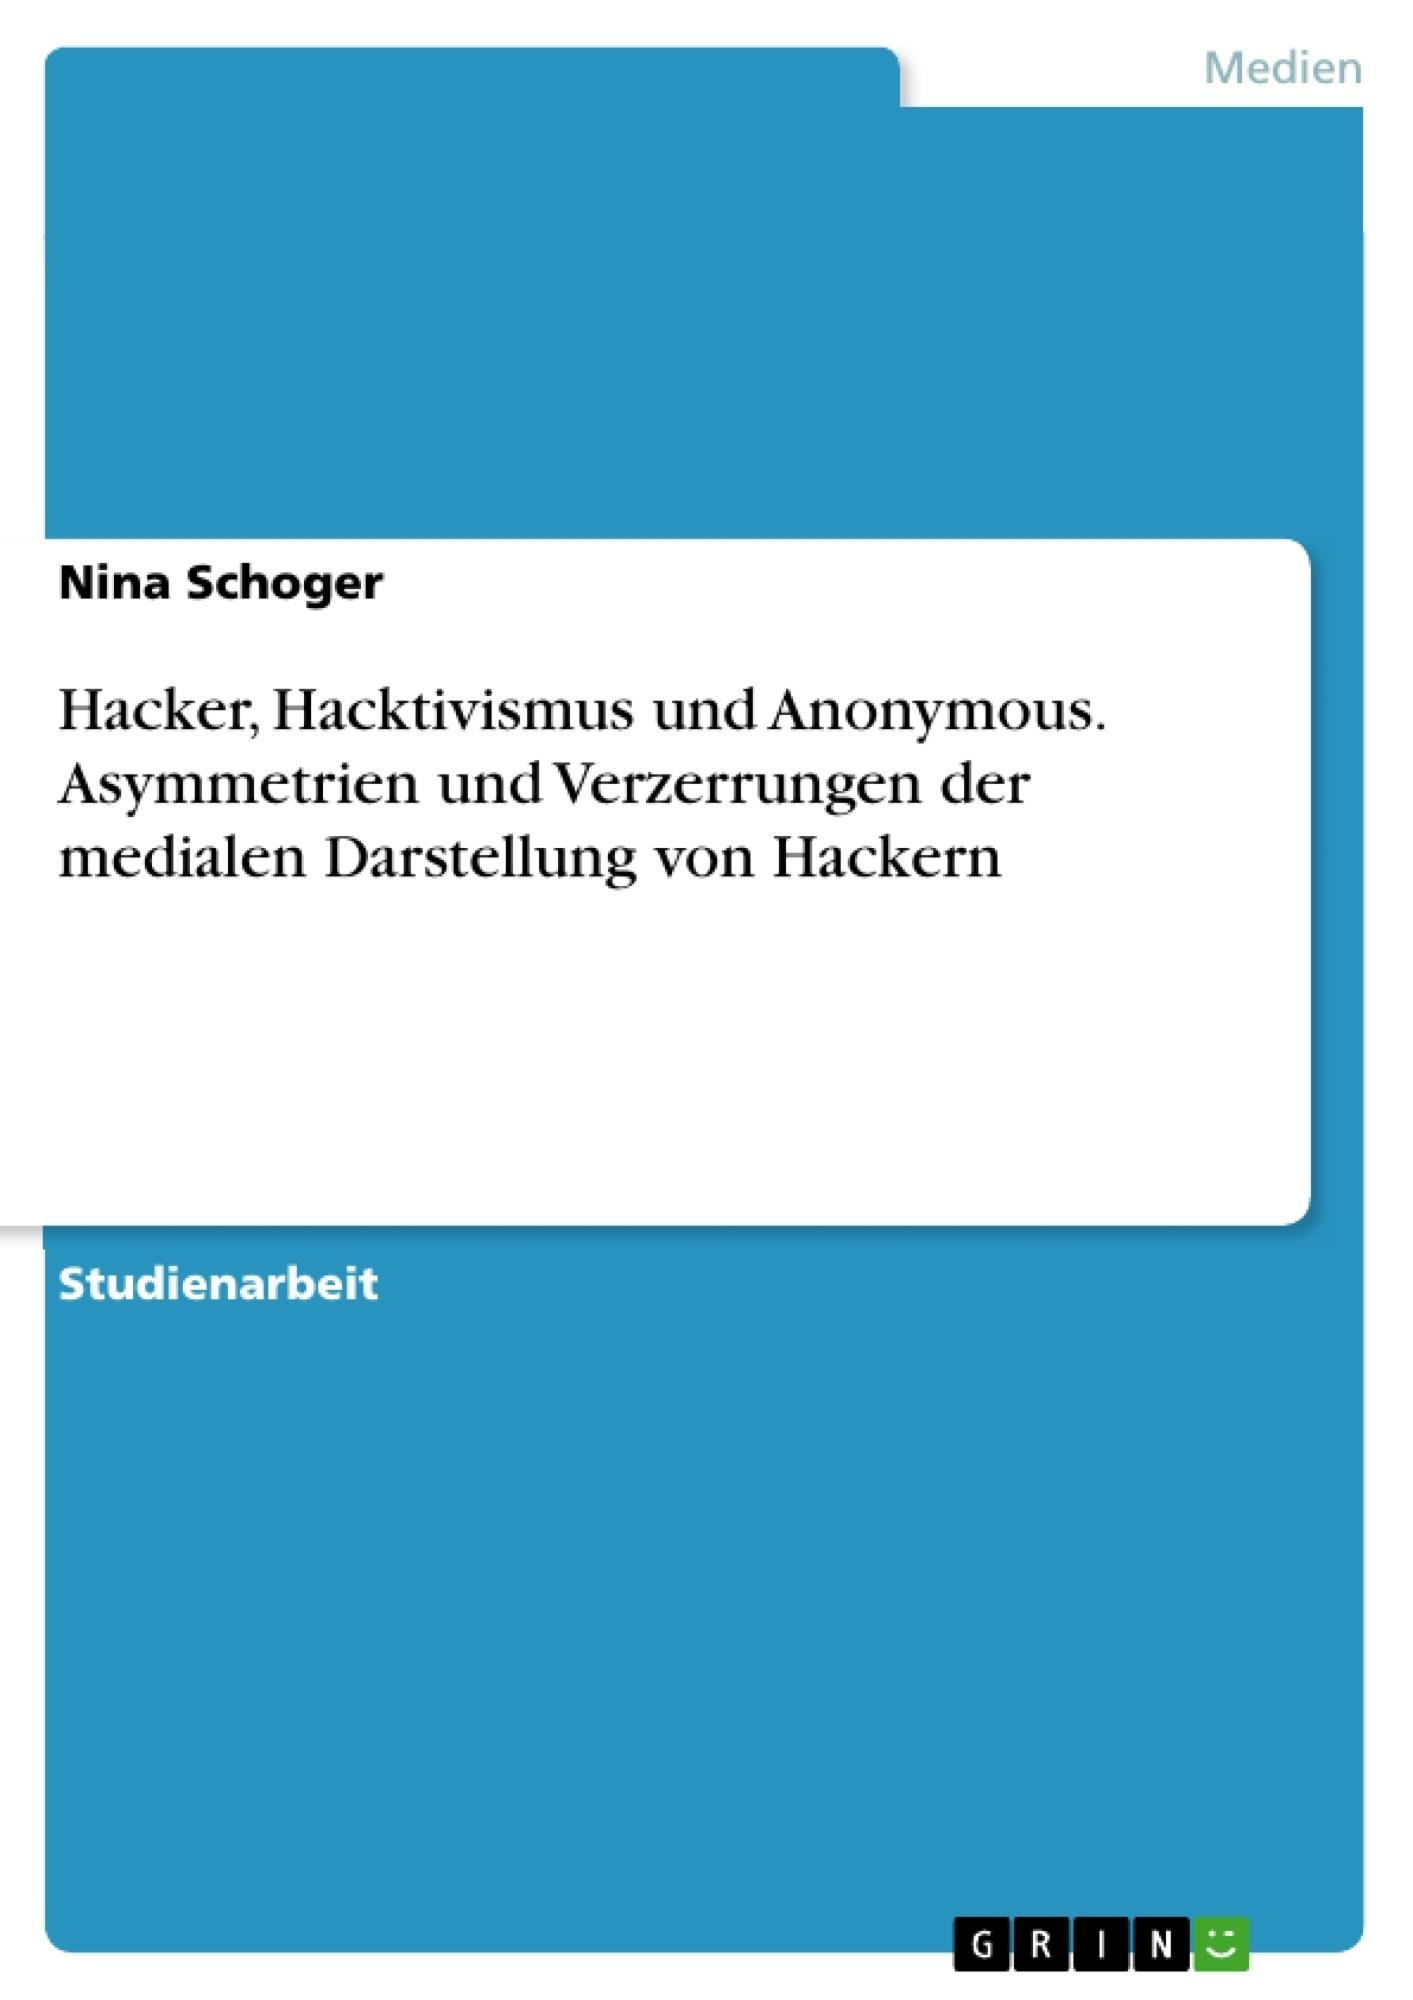 Titel: Hacker, Hacktivismus und Anonymous. Asymmetrien und Verzerrungen der medialen Darstellung von Hackern